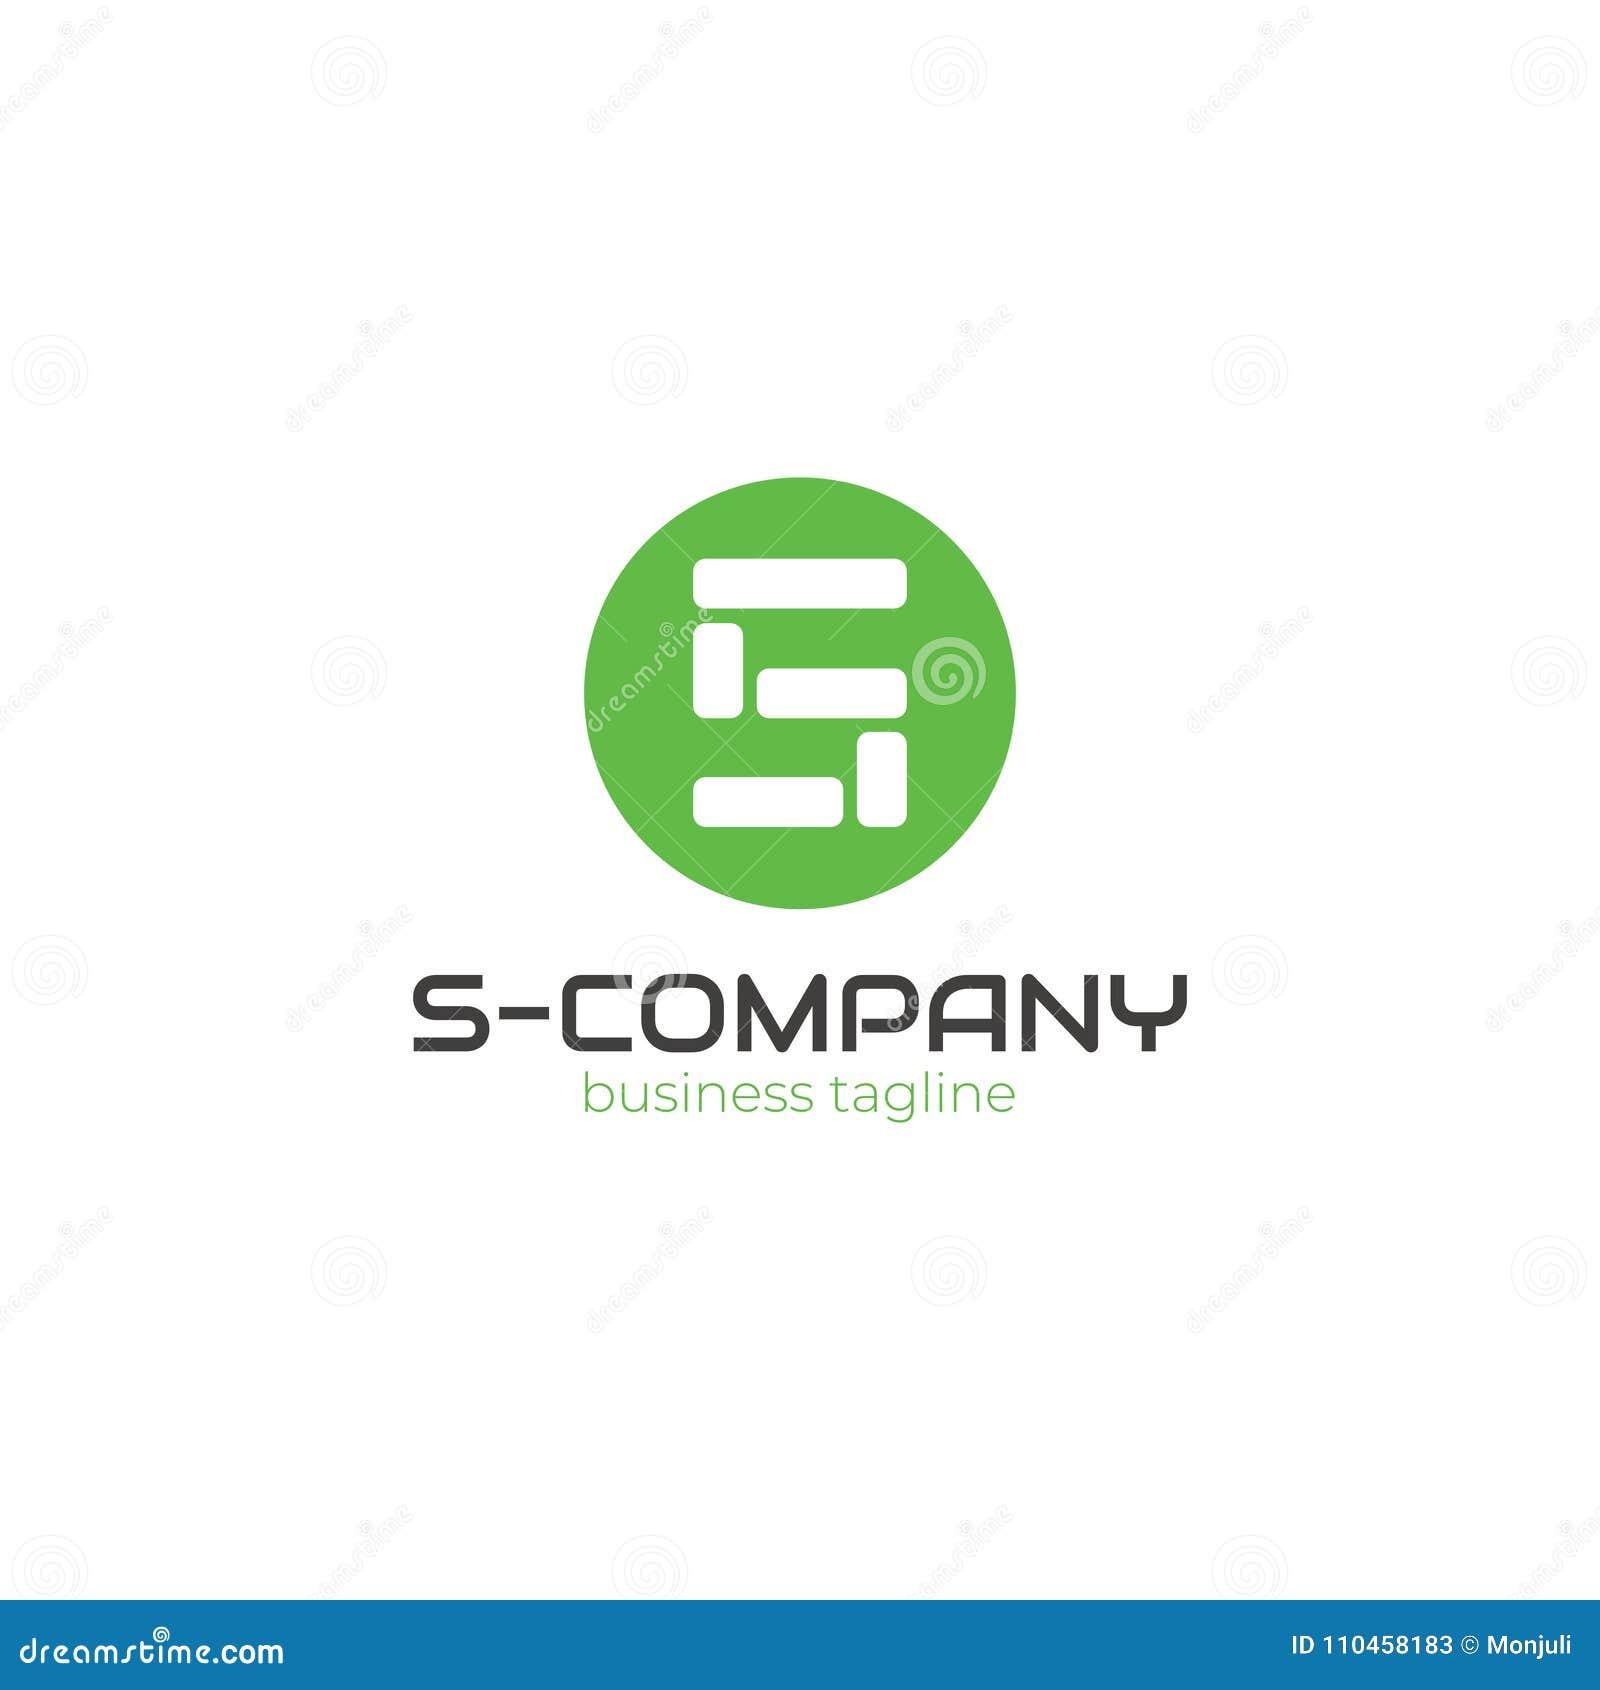 S - företagslogo - byggfirmalogo - tegelstenar